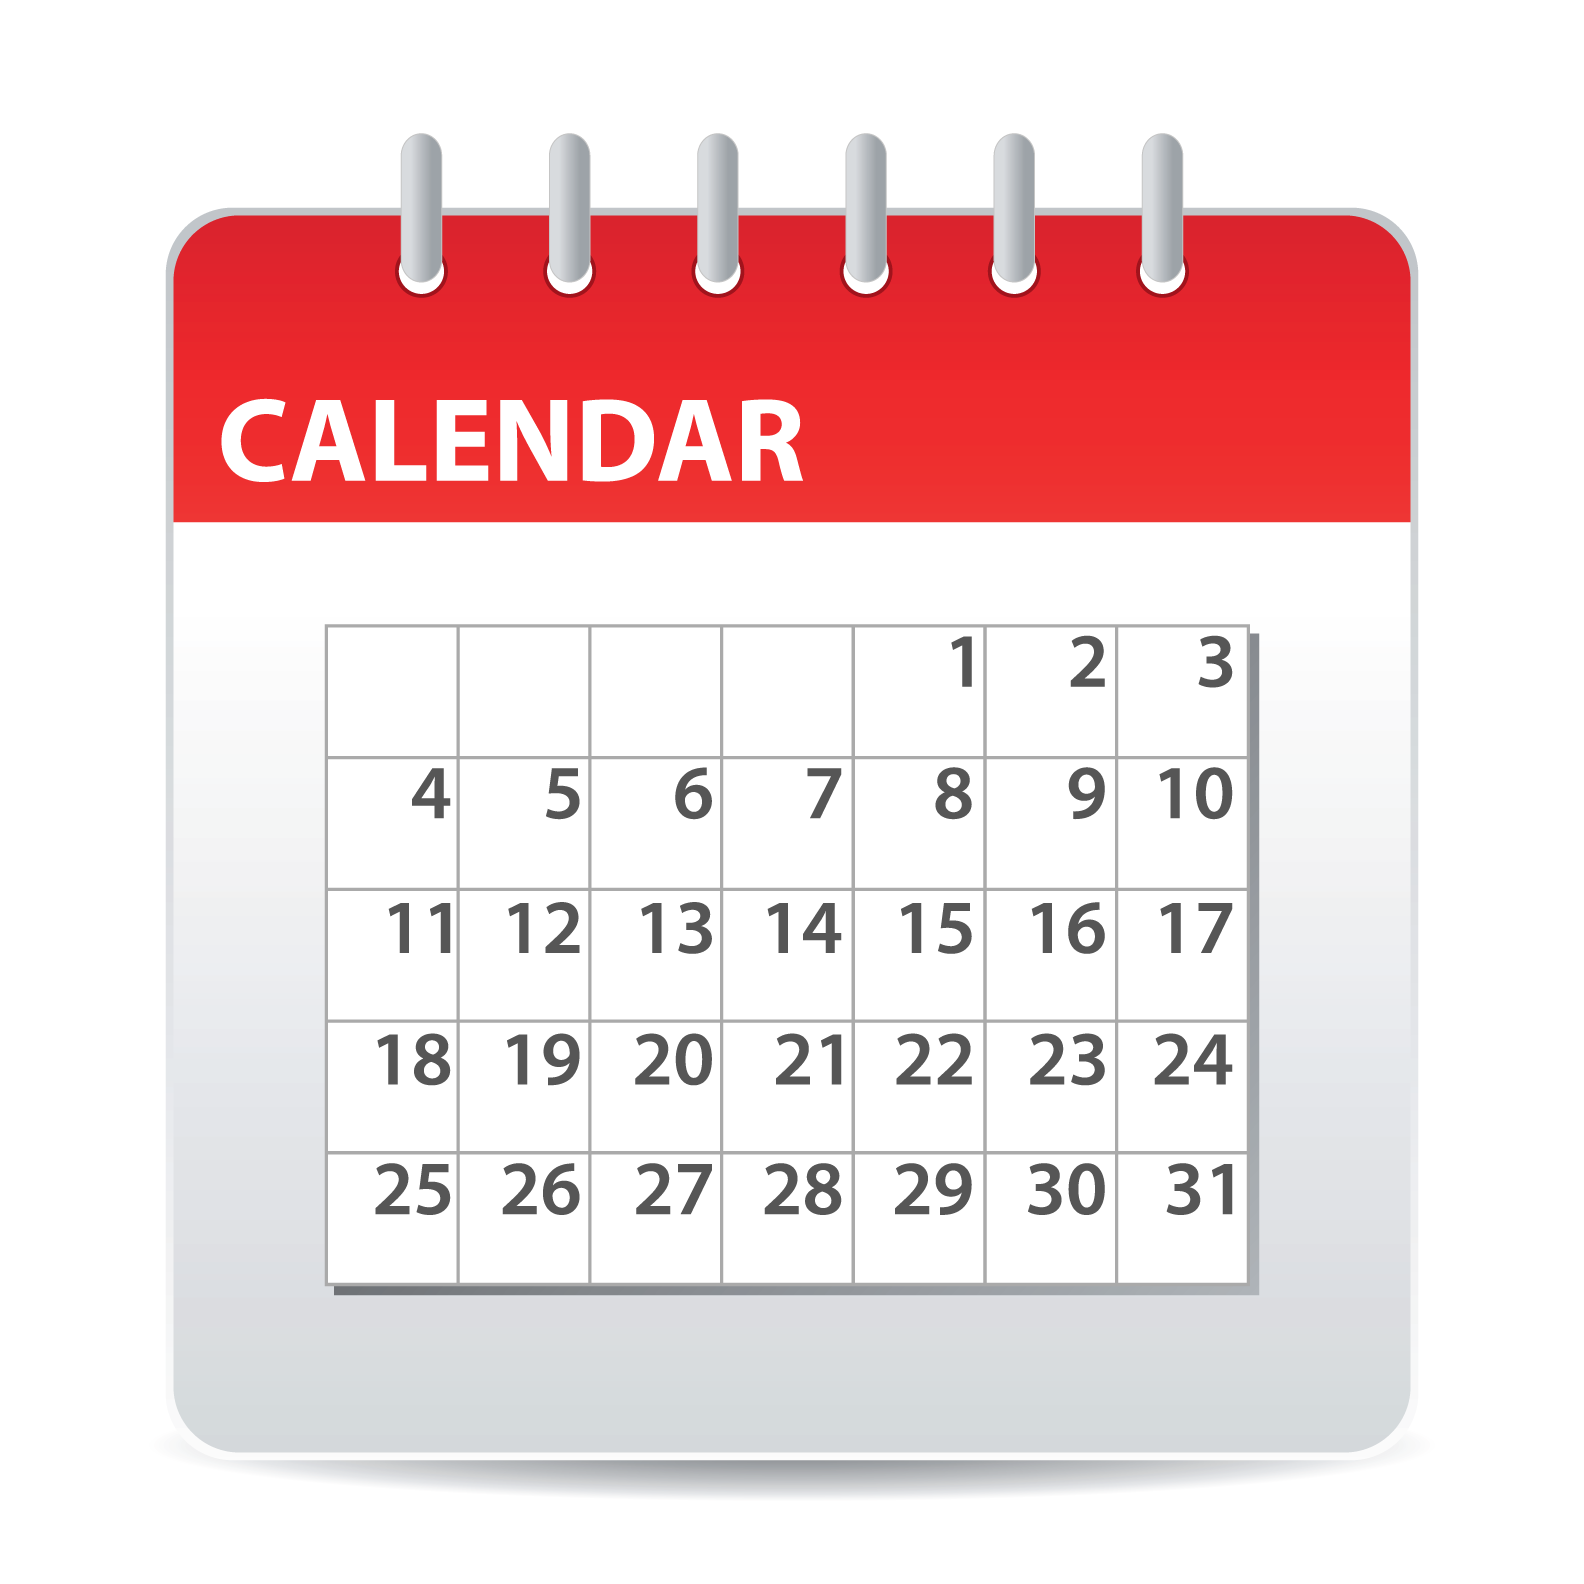 Calendar PNG - 717